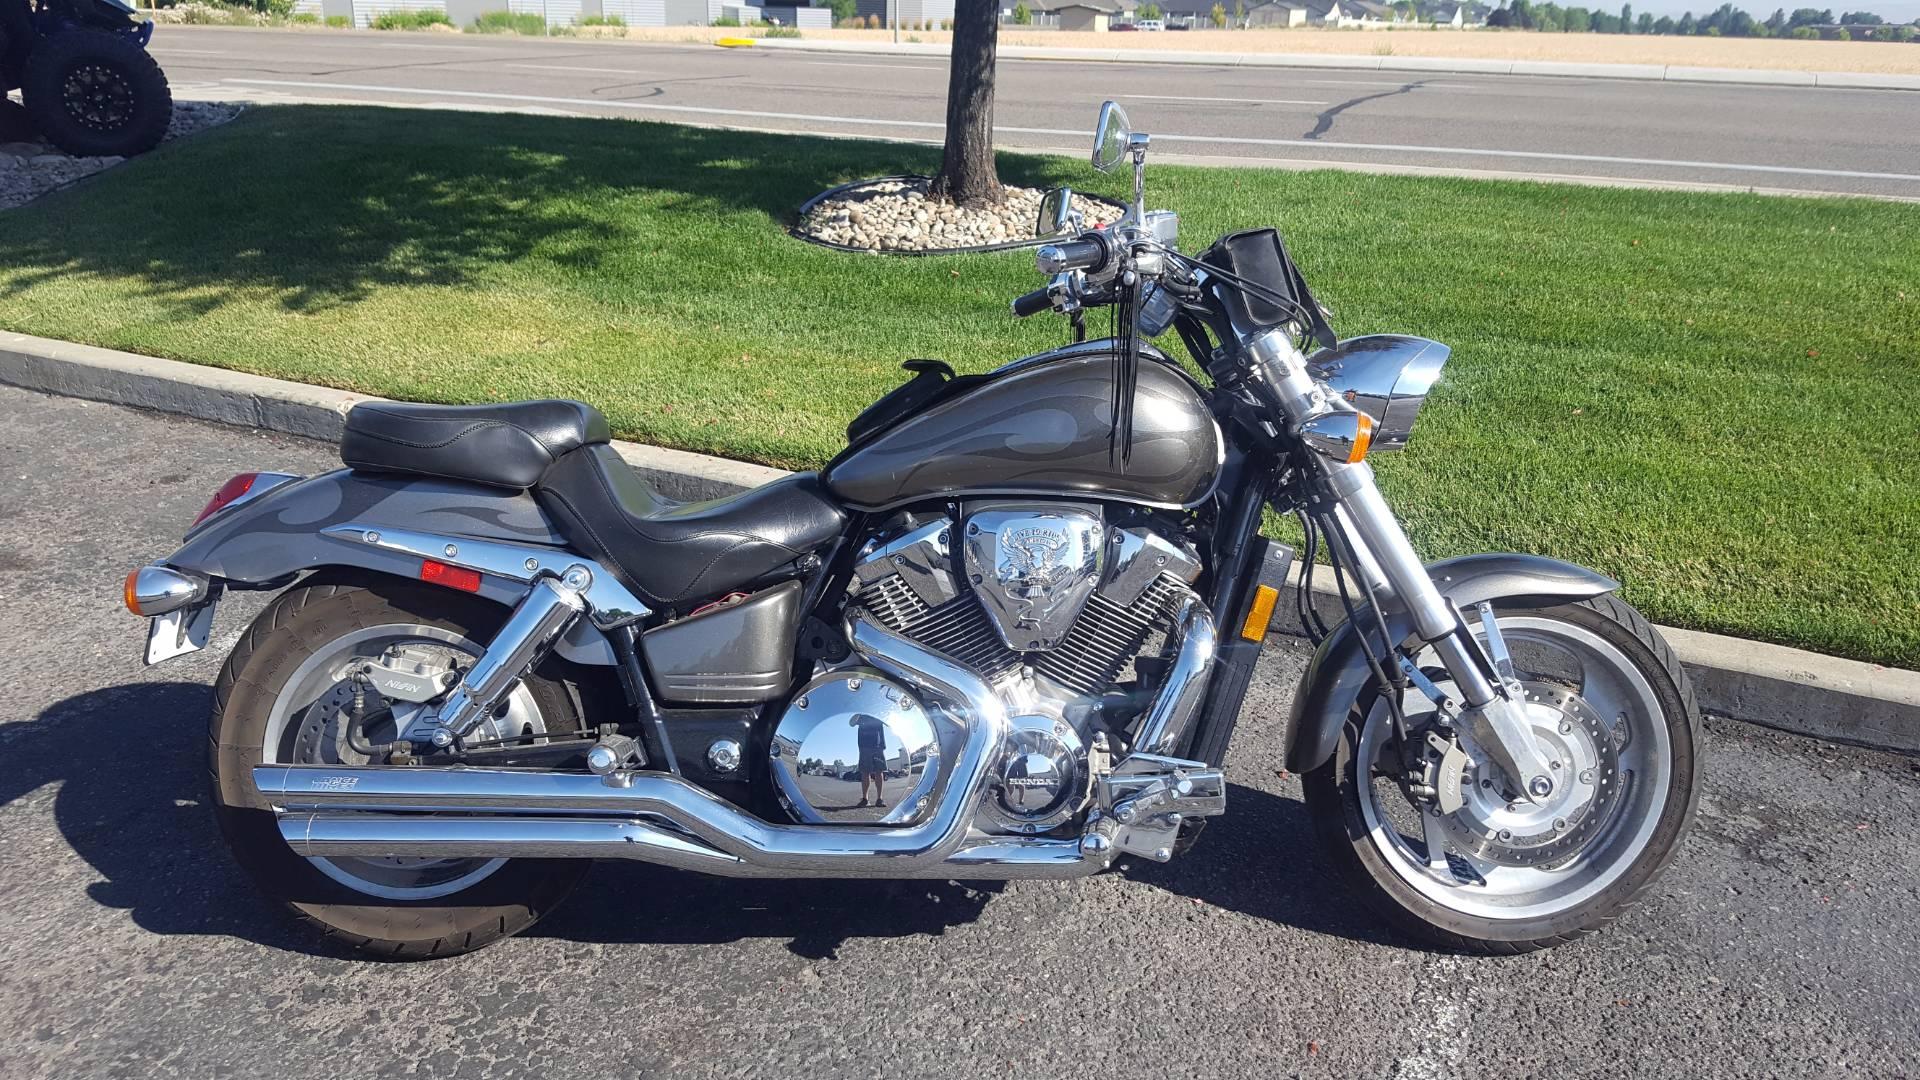 2004 VTX1800C